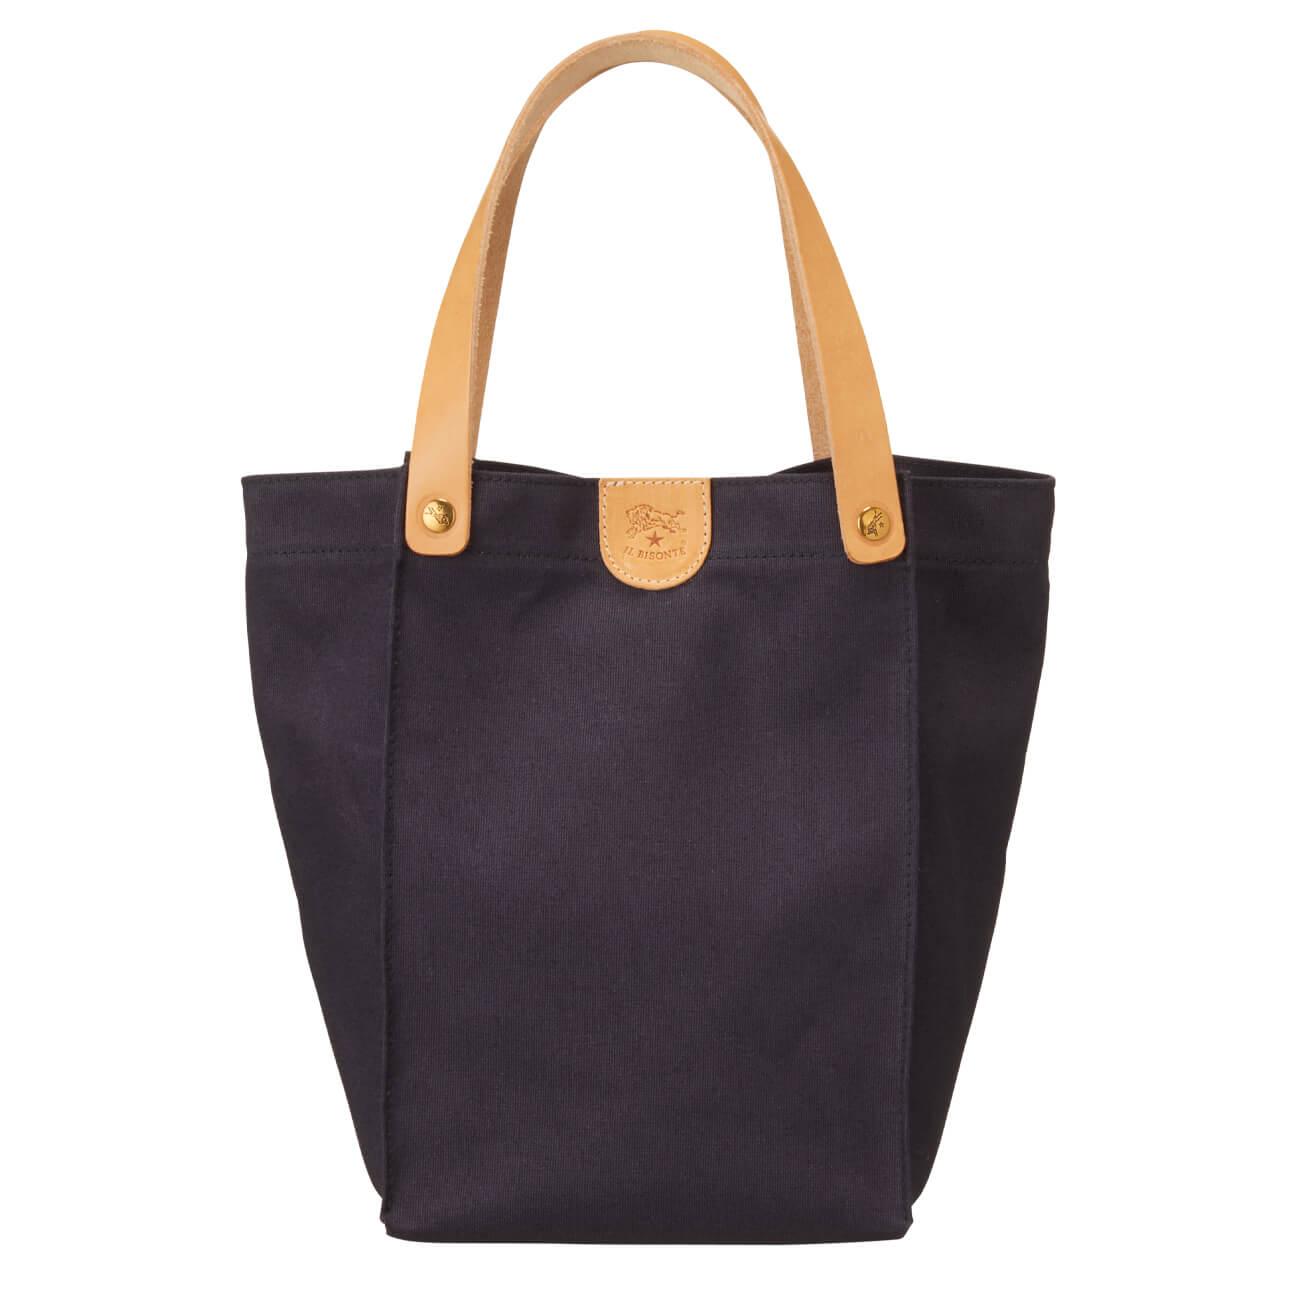 ハンドバッグ(イルビゾンテ)Canvas Bag